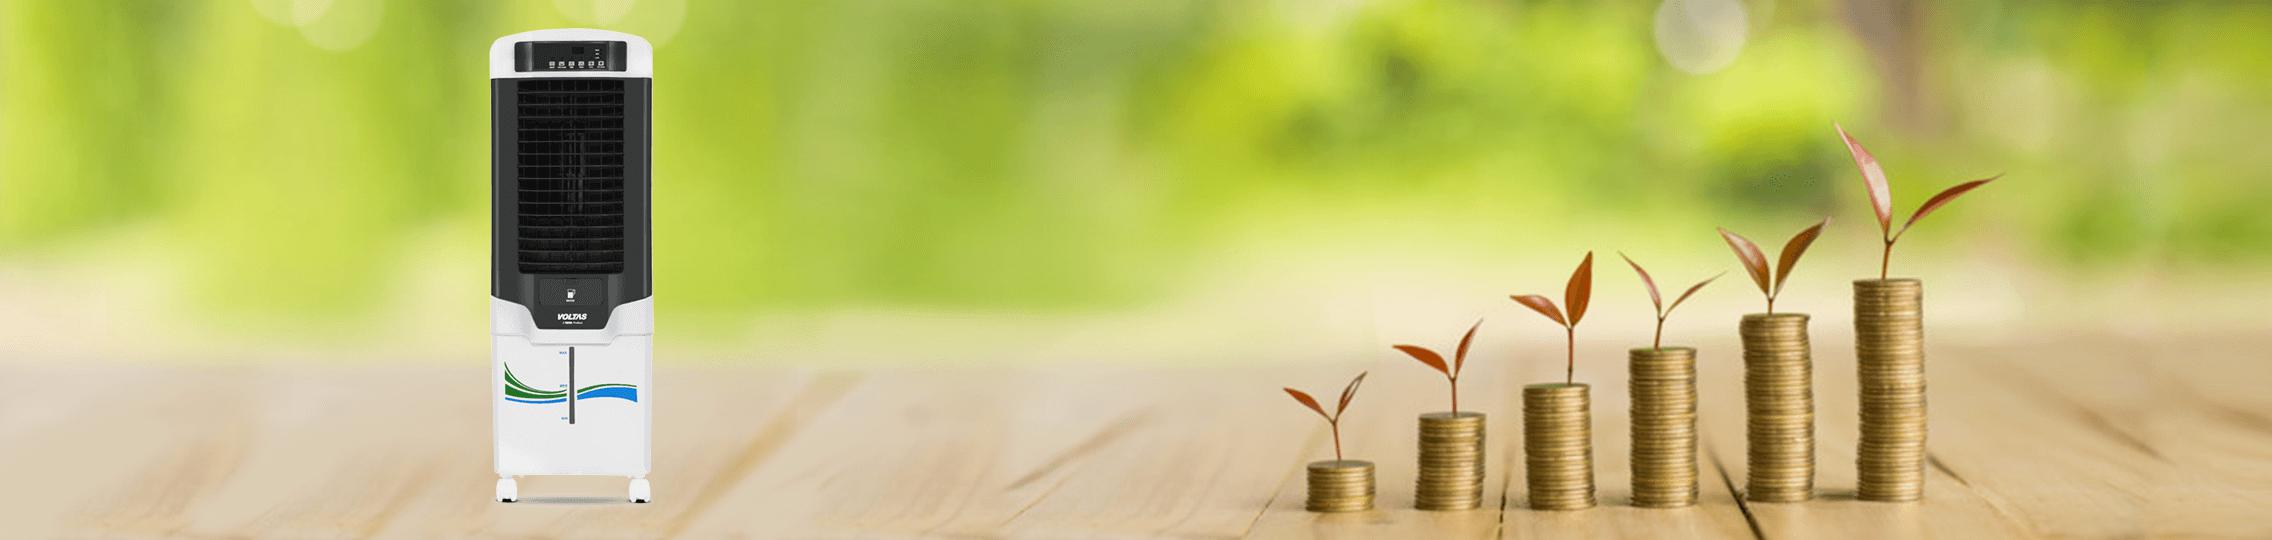 Factors That Make Voltas Air Coolers Fabulous Long-Term Investments